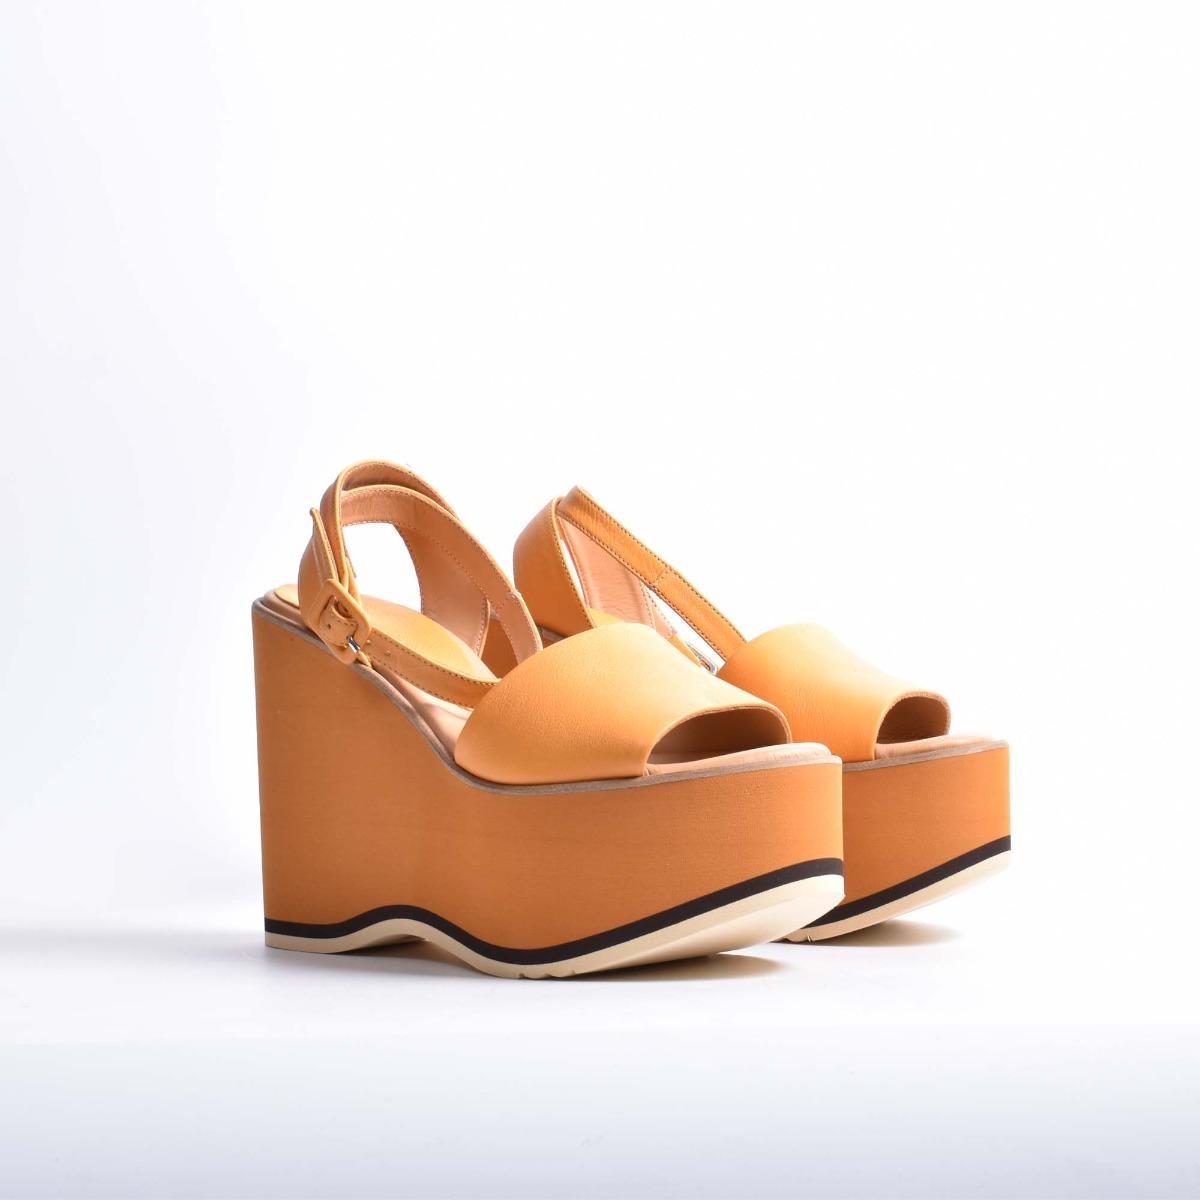 Sandalo maues napasoft - Mango